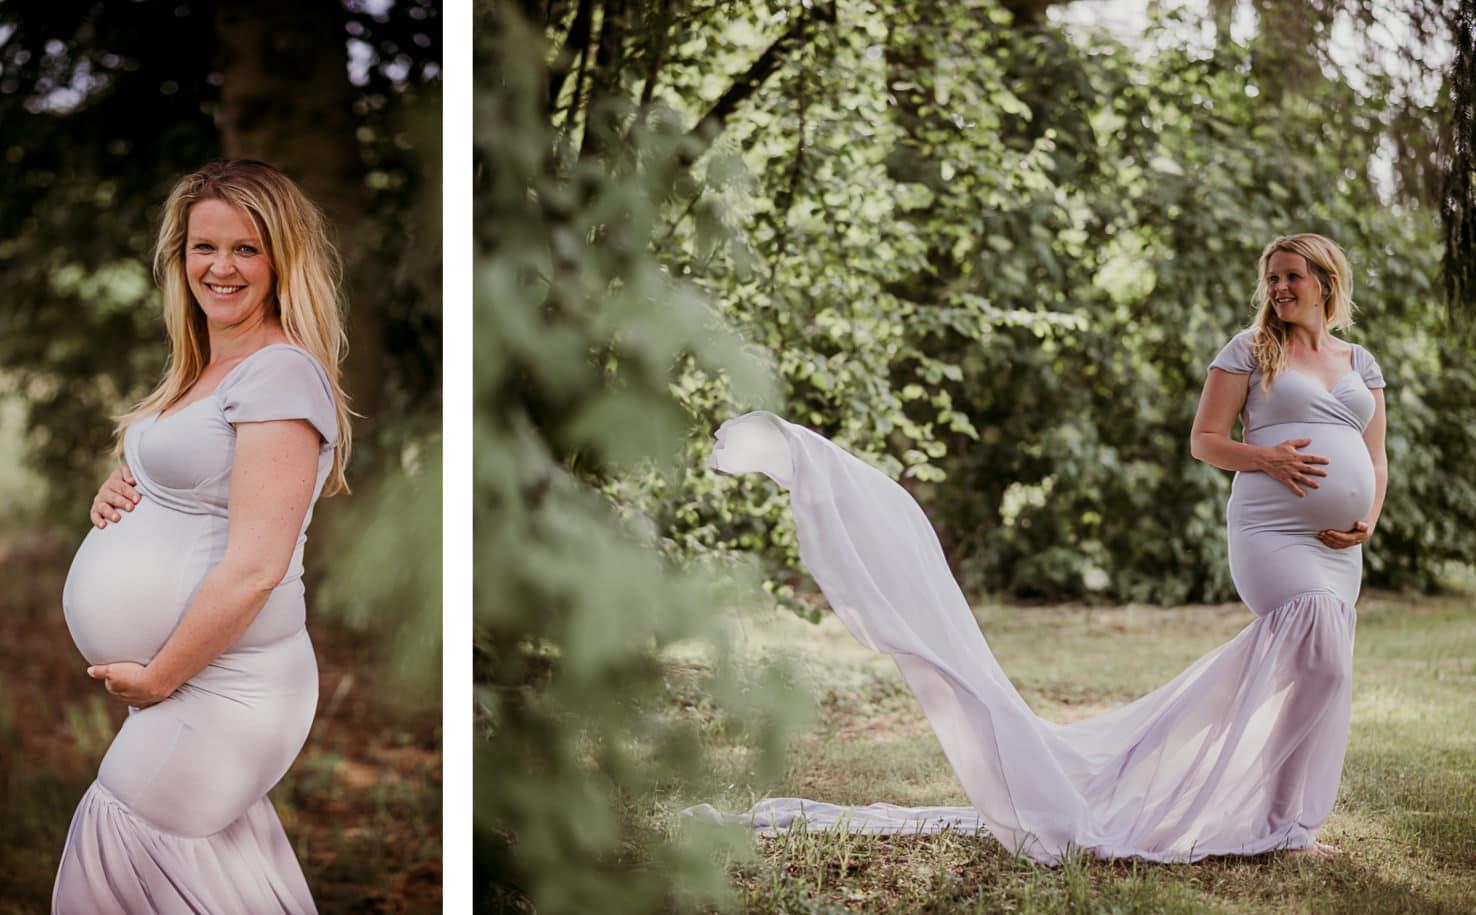 Schwangerschaftsoutfits für dein Babybauchshooting - Langes Kleid mit Schleppe in Taupe - Mica Zeitz Fotografie, München, Pfaffenhofen, Regensburg, Ingolstadt